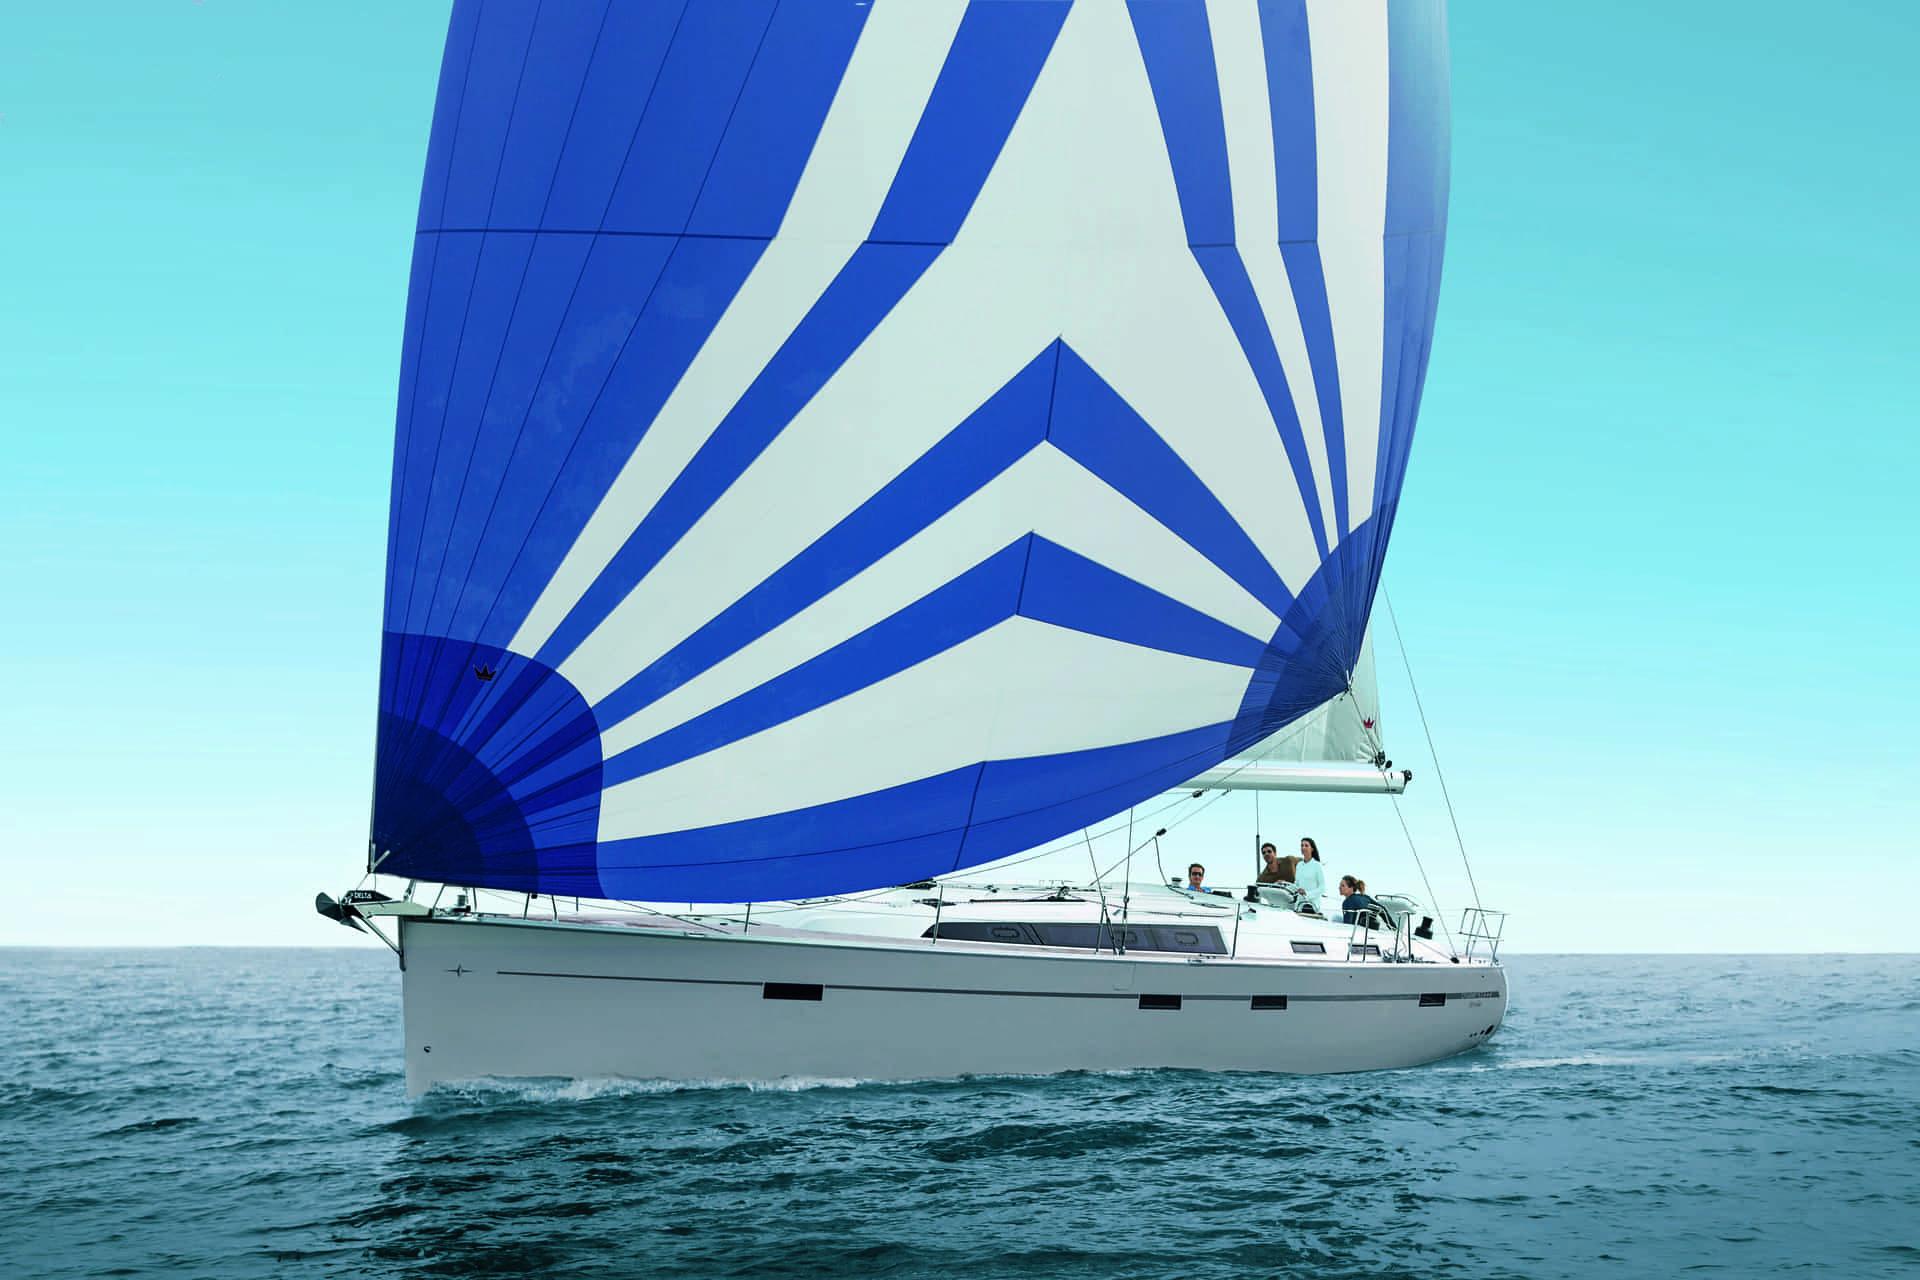 Bavaria Cruiser 51 exteriör